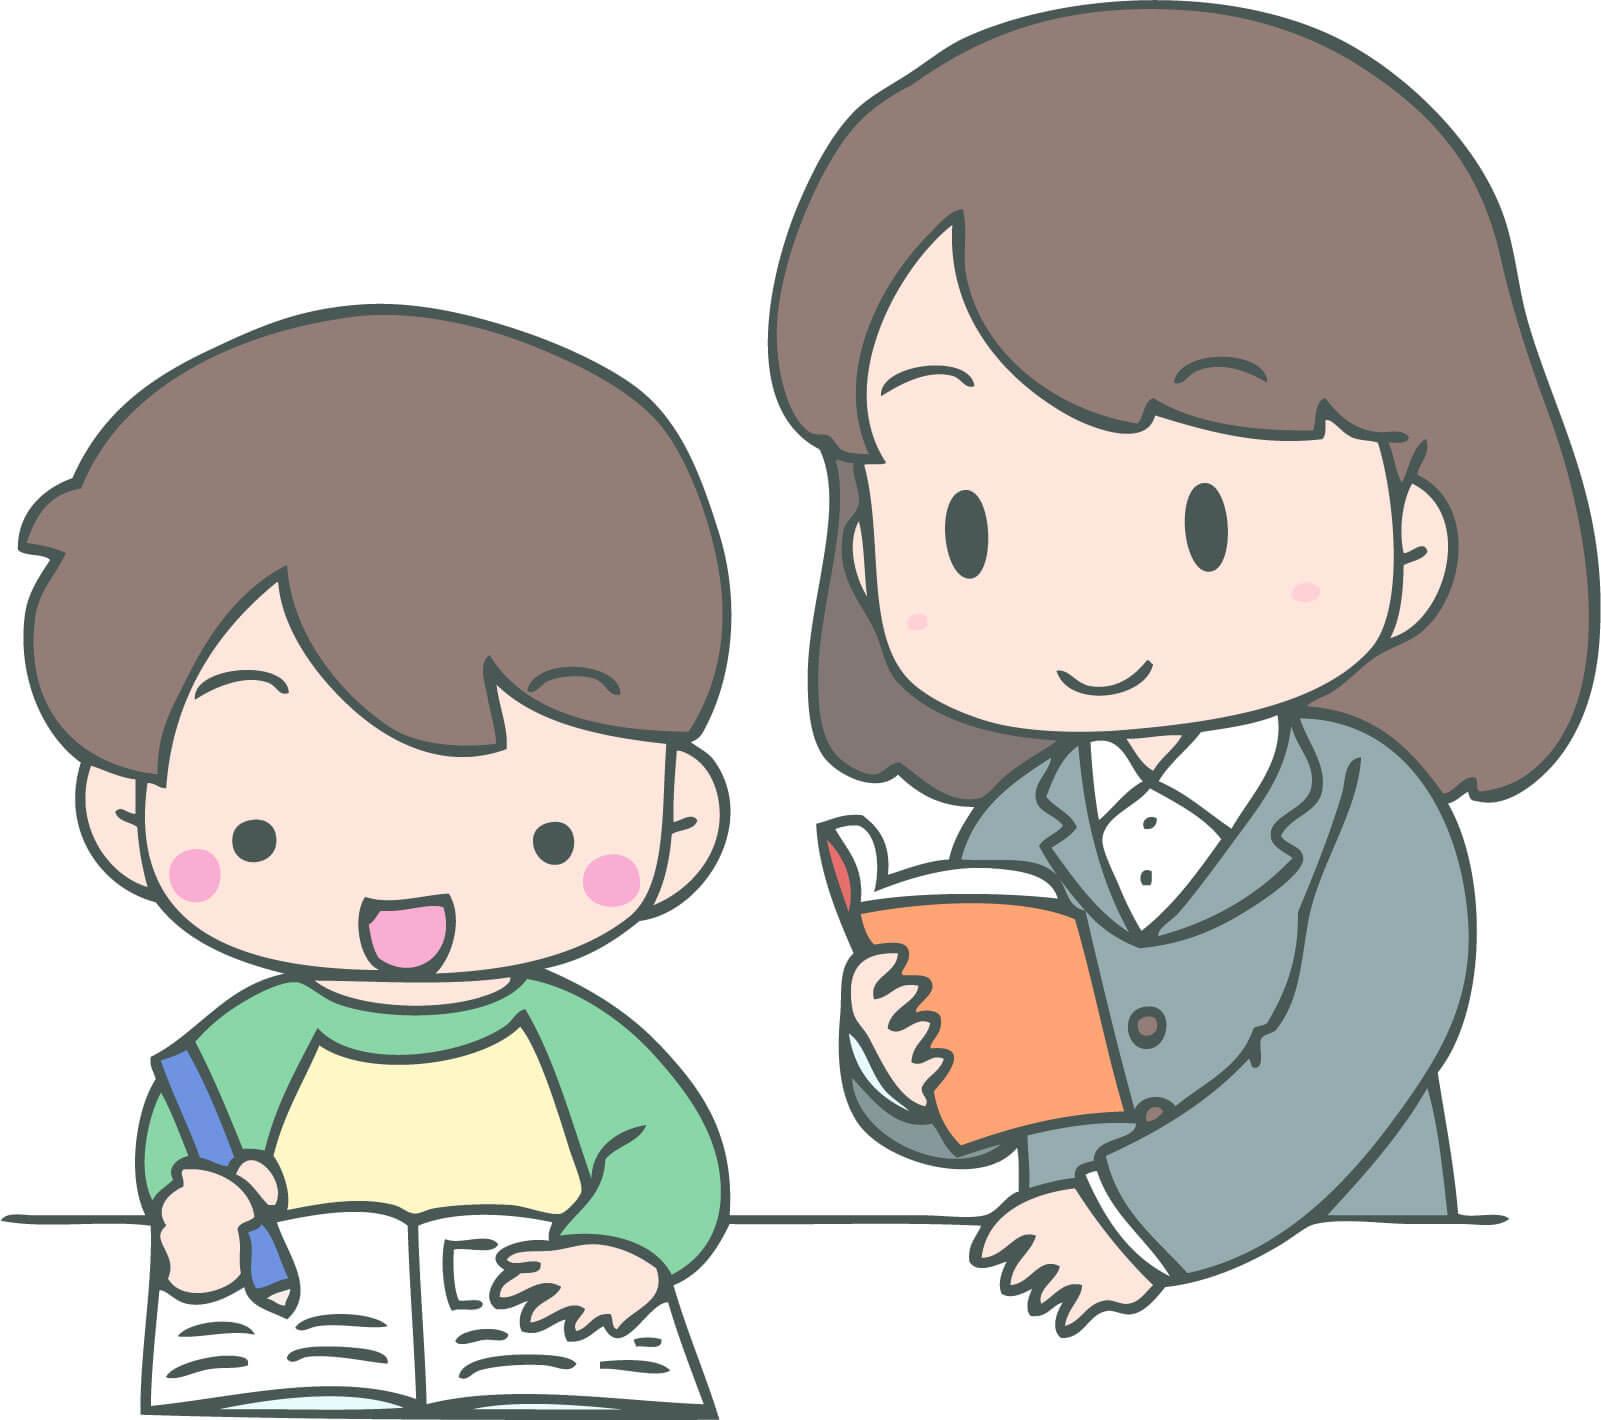 ITTO・みやび個別指導学院でアルバイト!!【面接・試験・研修について】